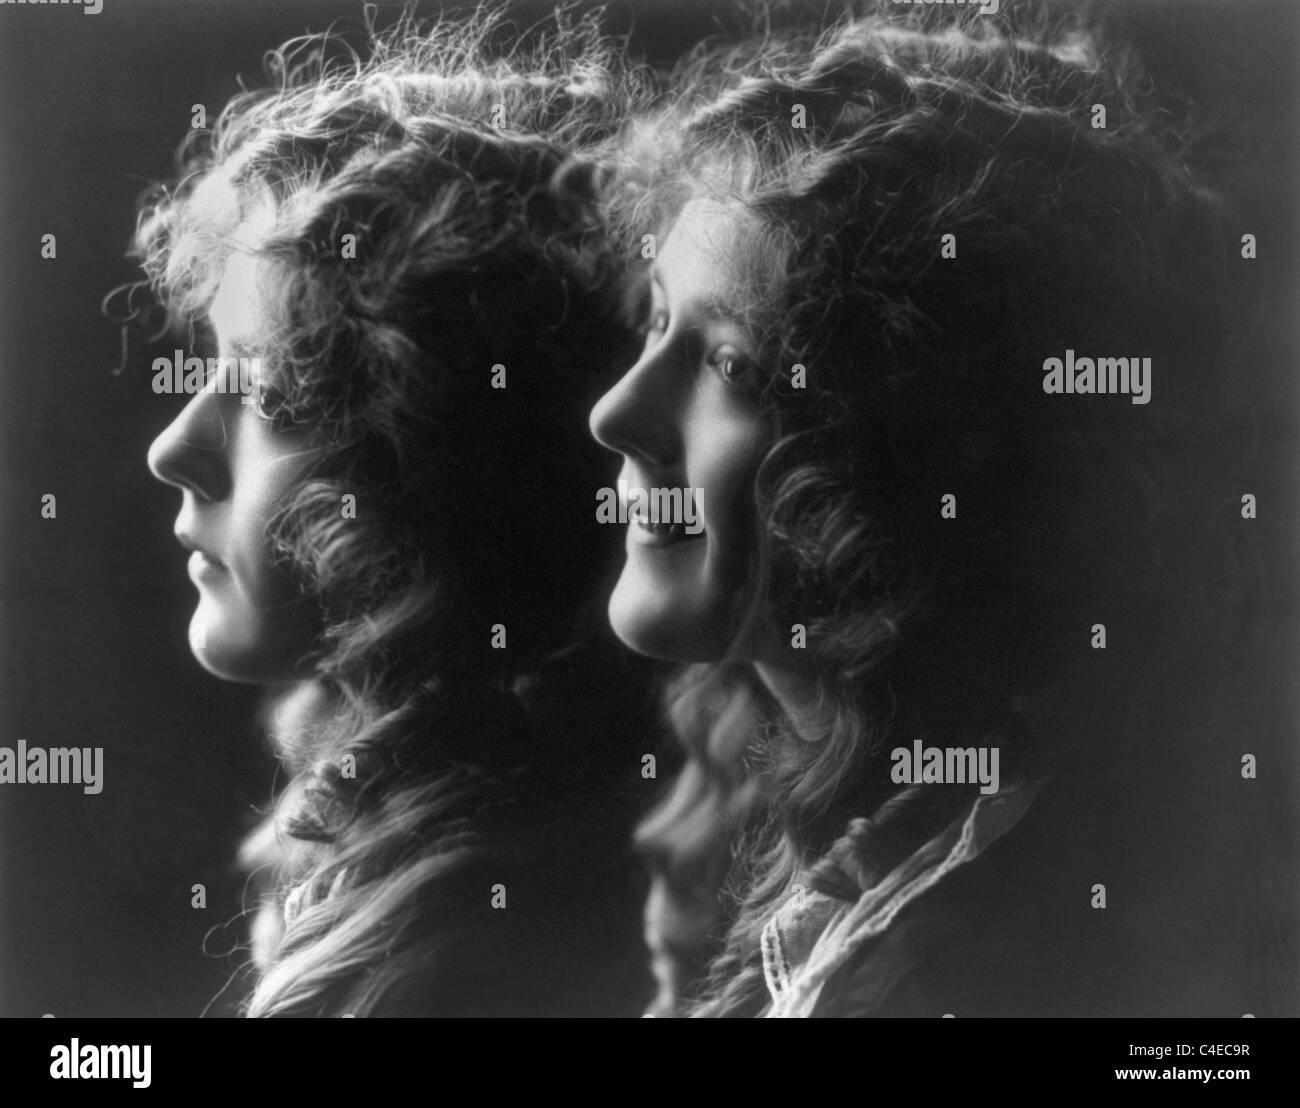 Vintage compuesto de fotografías c1914 de la actriz canadiense Mary Pickford (1892 - 1979) con dos imágenes Imagen De Stock